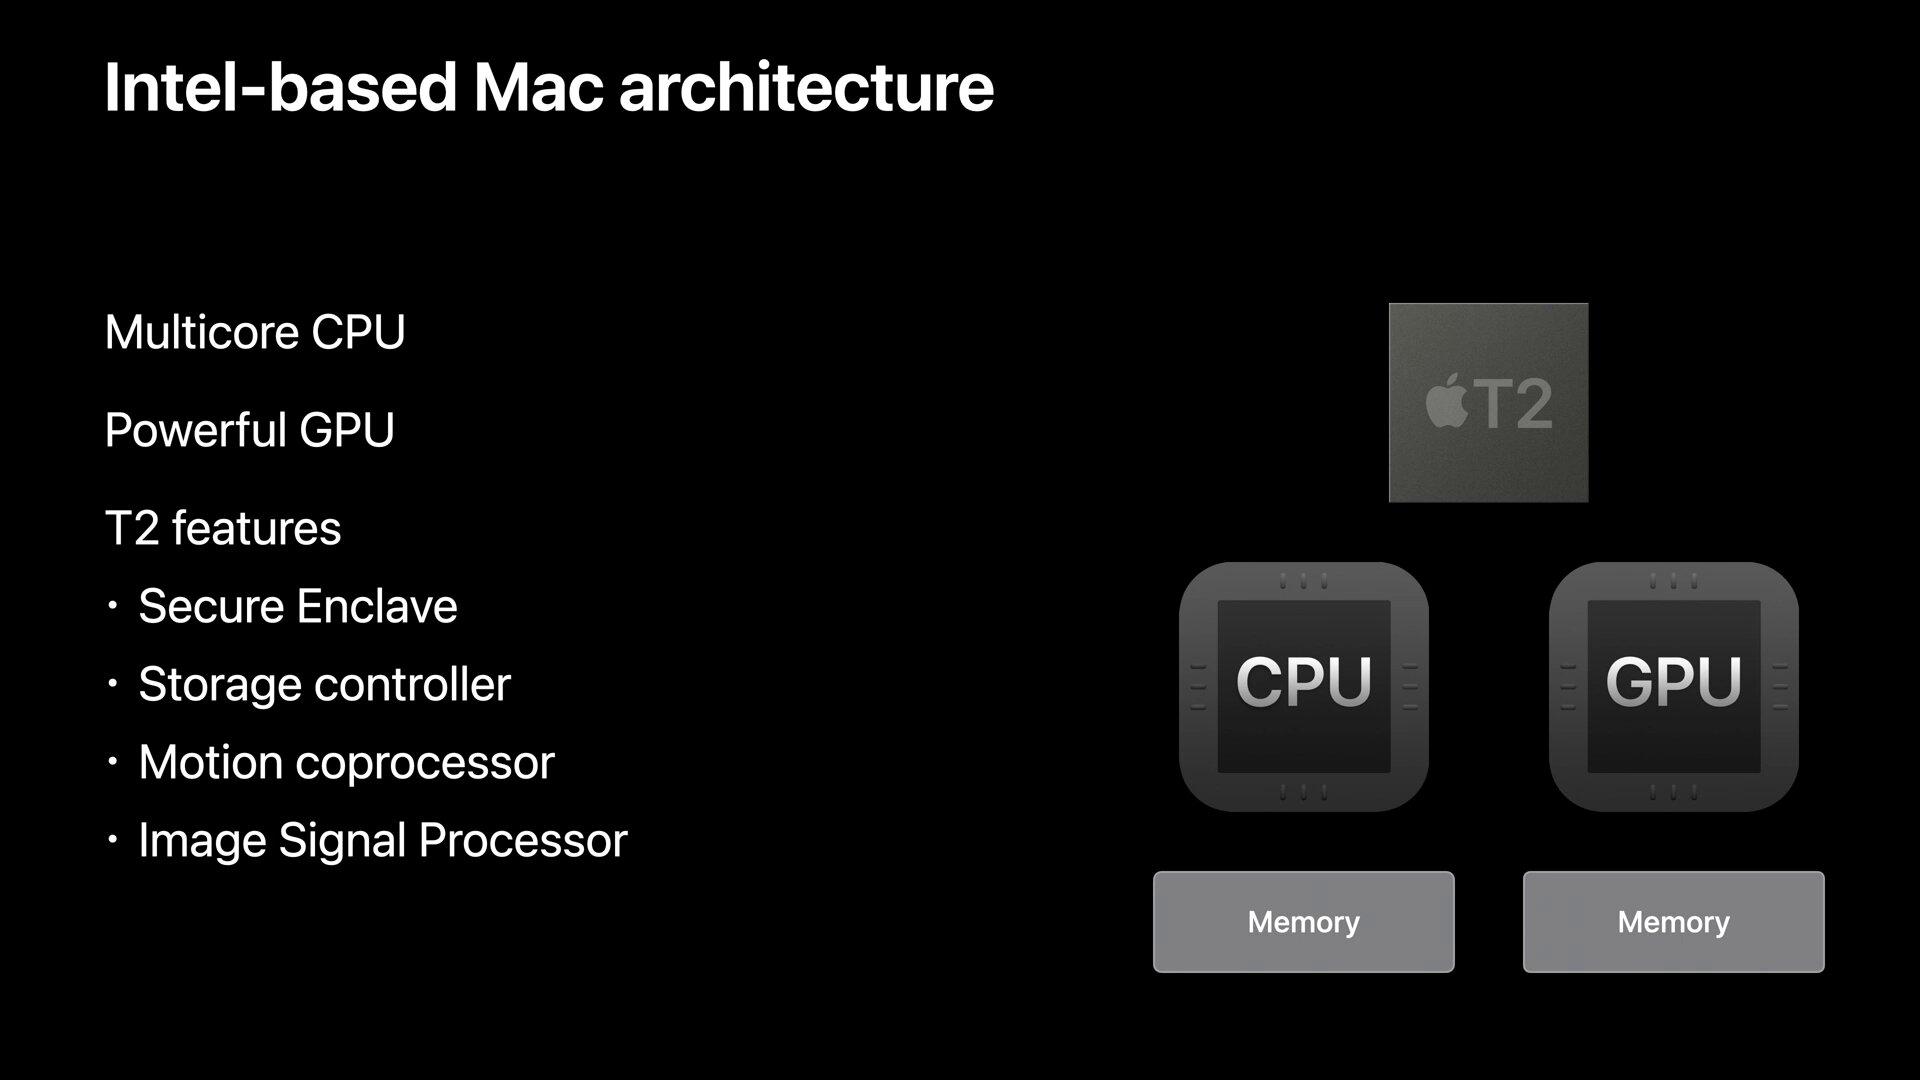 Apple Silicon schafft diesen Aufbau zugunsten der Unified Memory Architecture ab